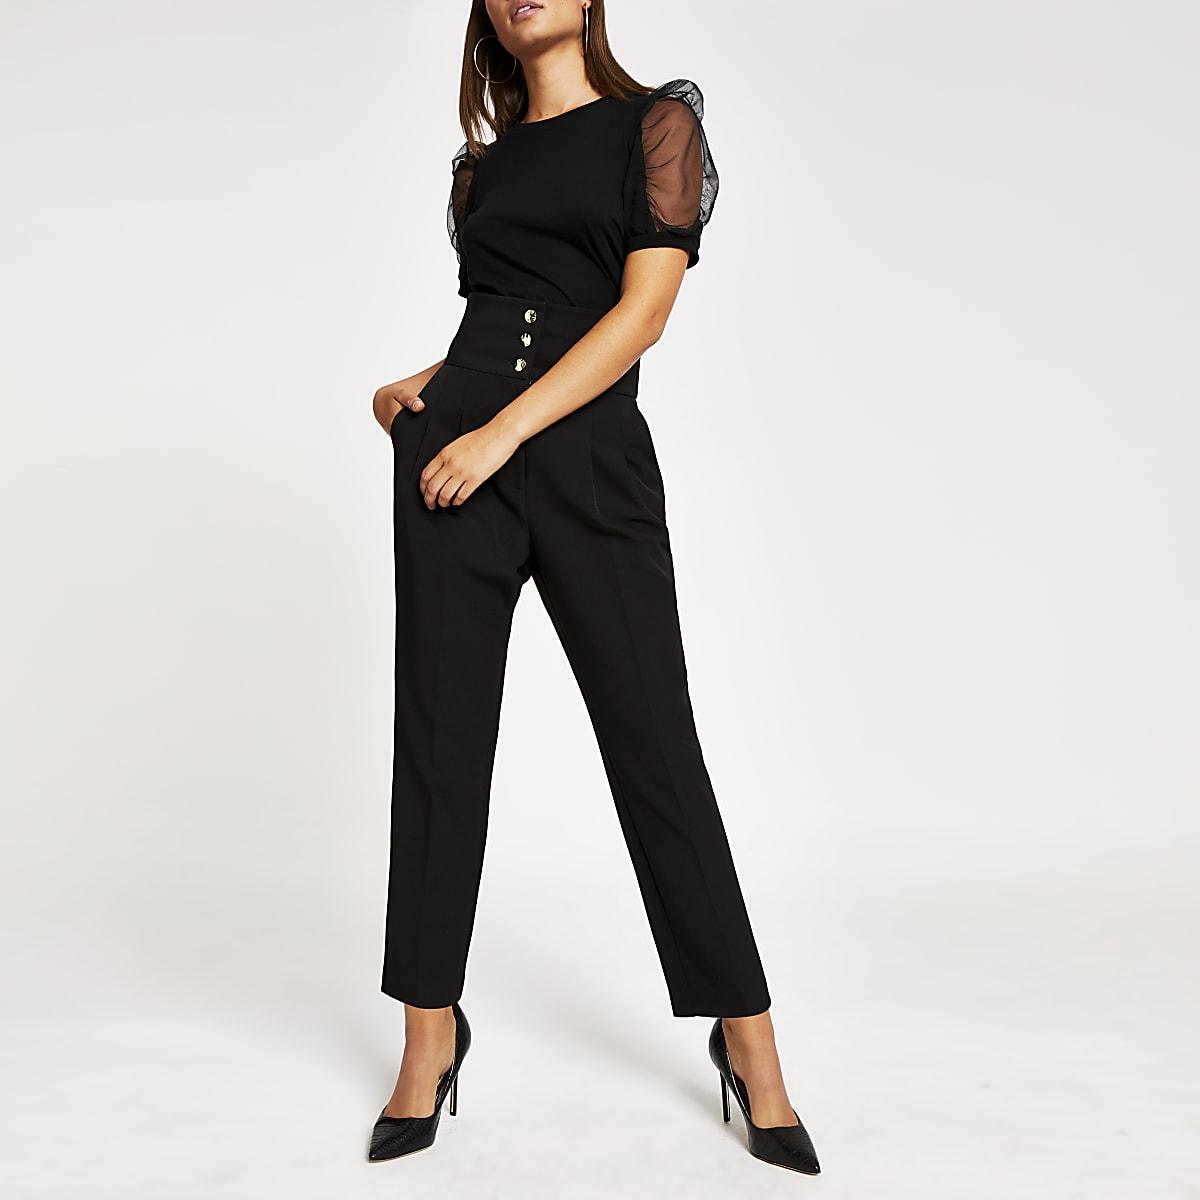 Pantalons noirs taille haute corsetée